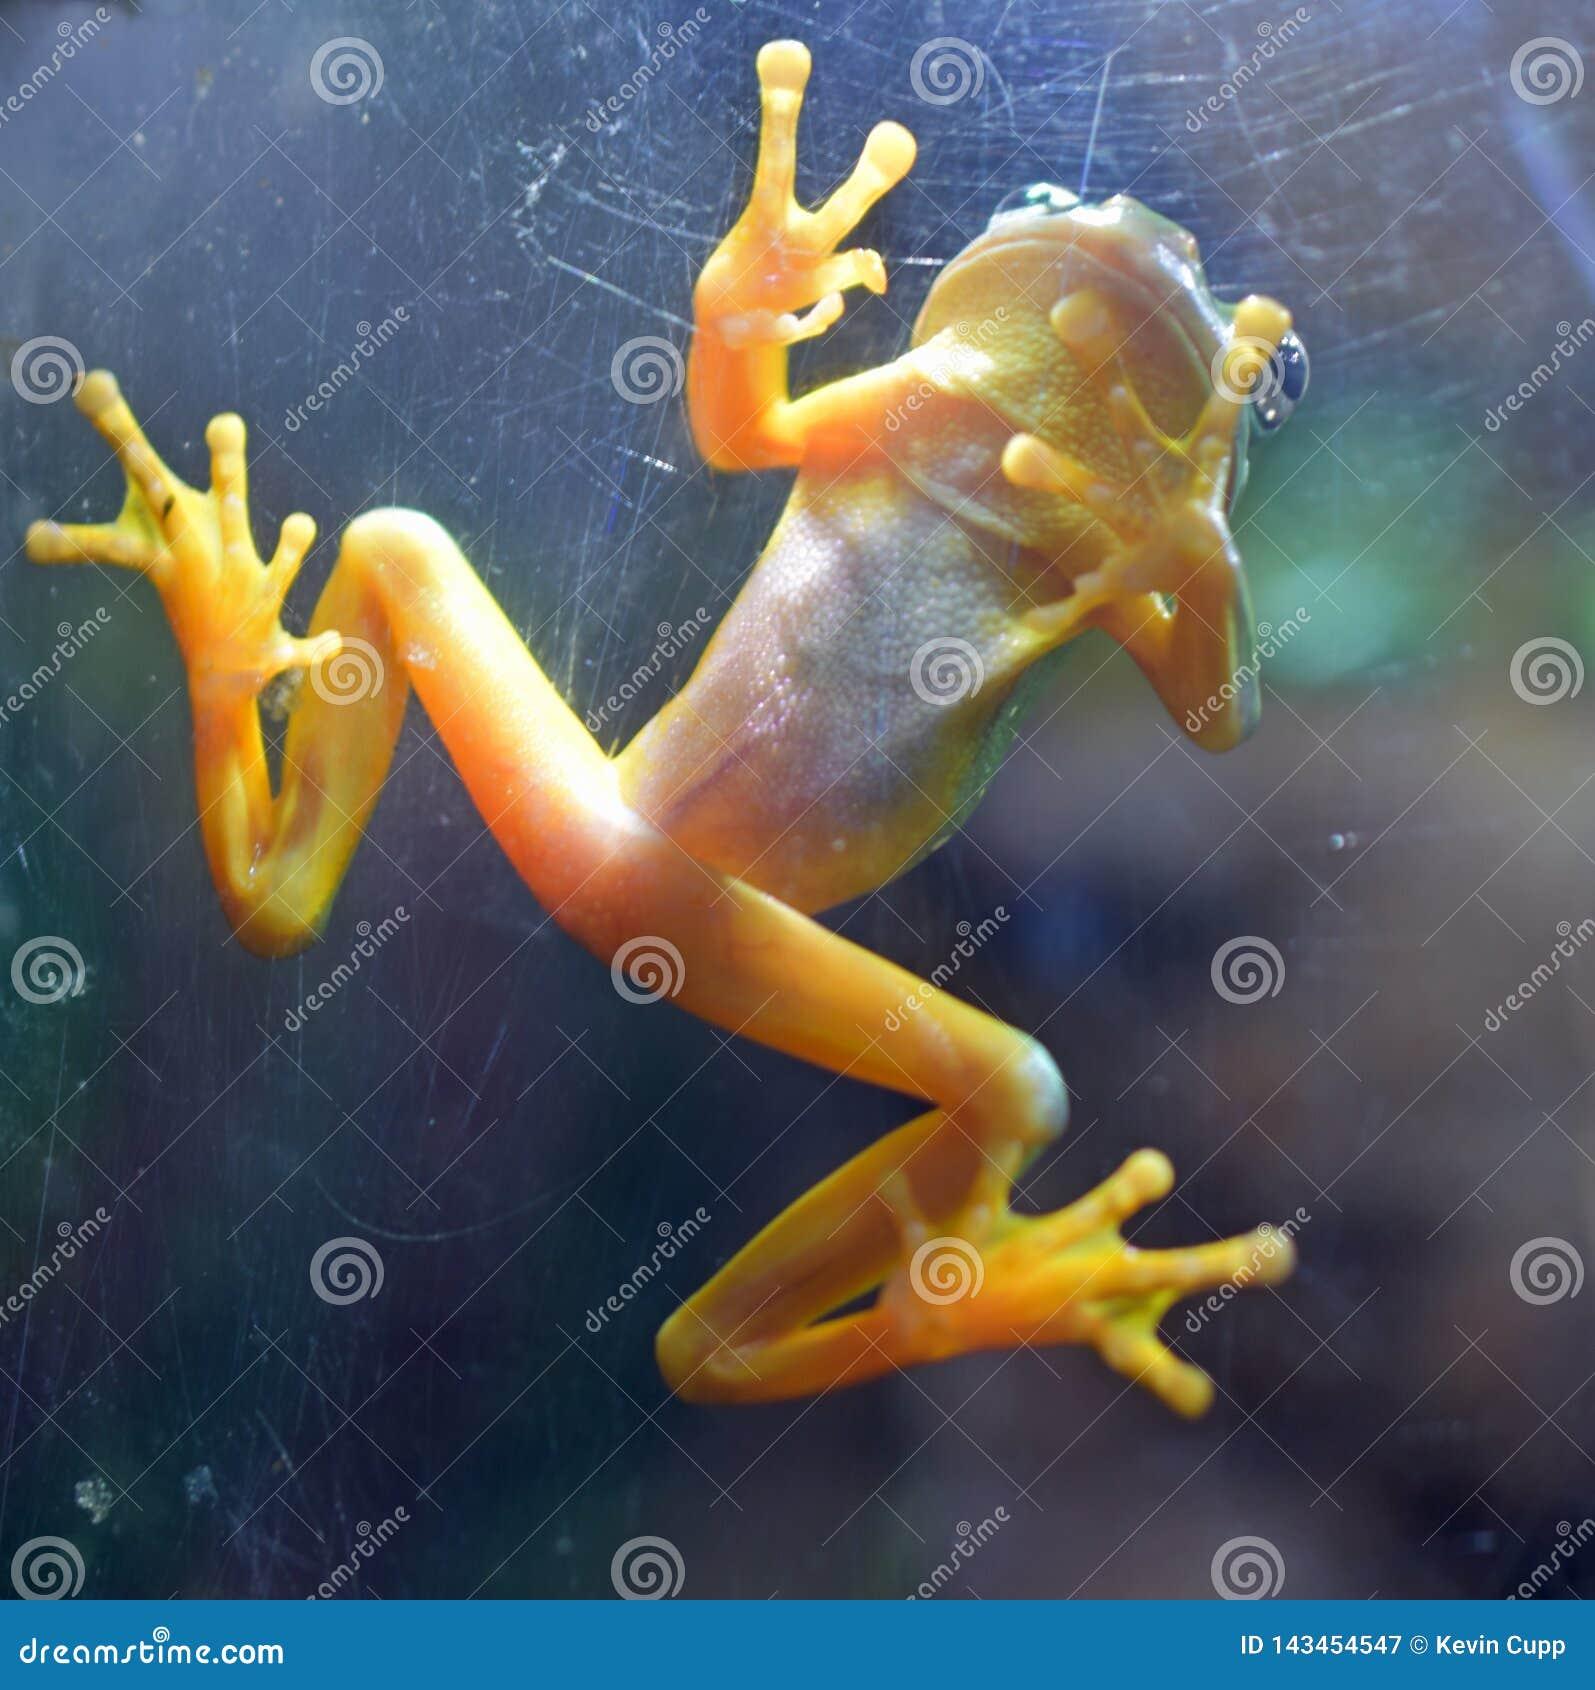 Rare Tropical Panamanian Golden Frog